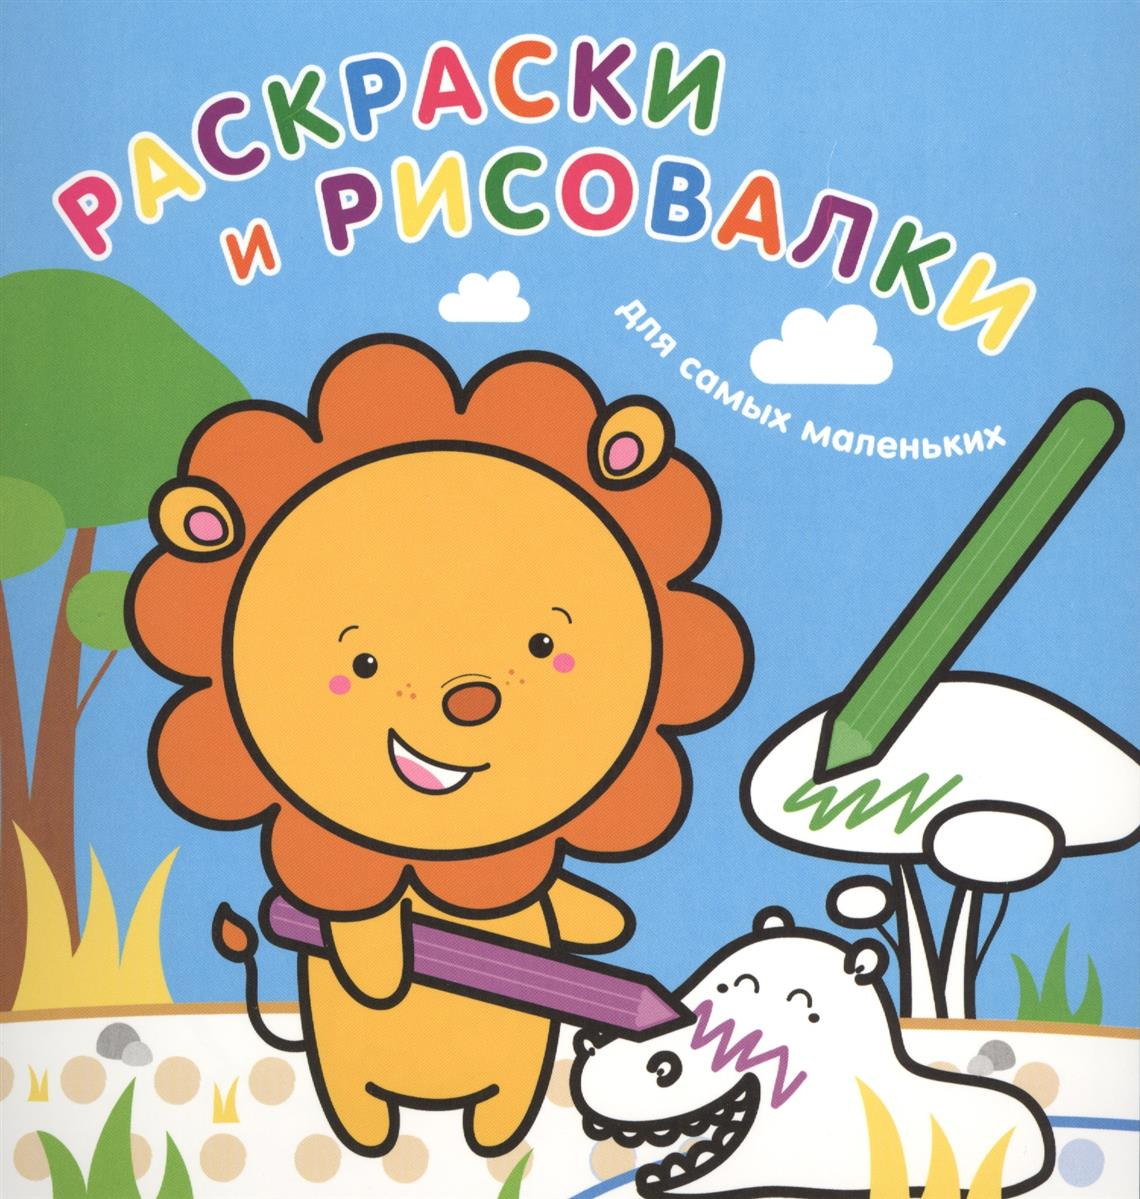 Волченко Ю.: Раскраски и рисовалки для самых маленьких (львенок)